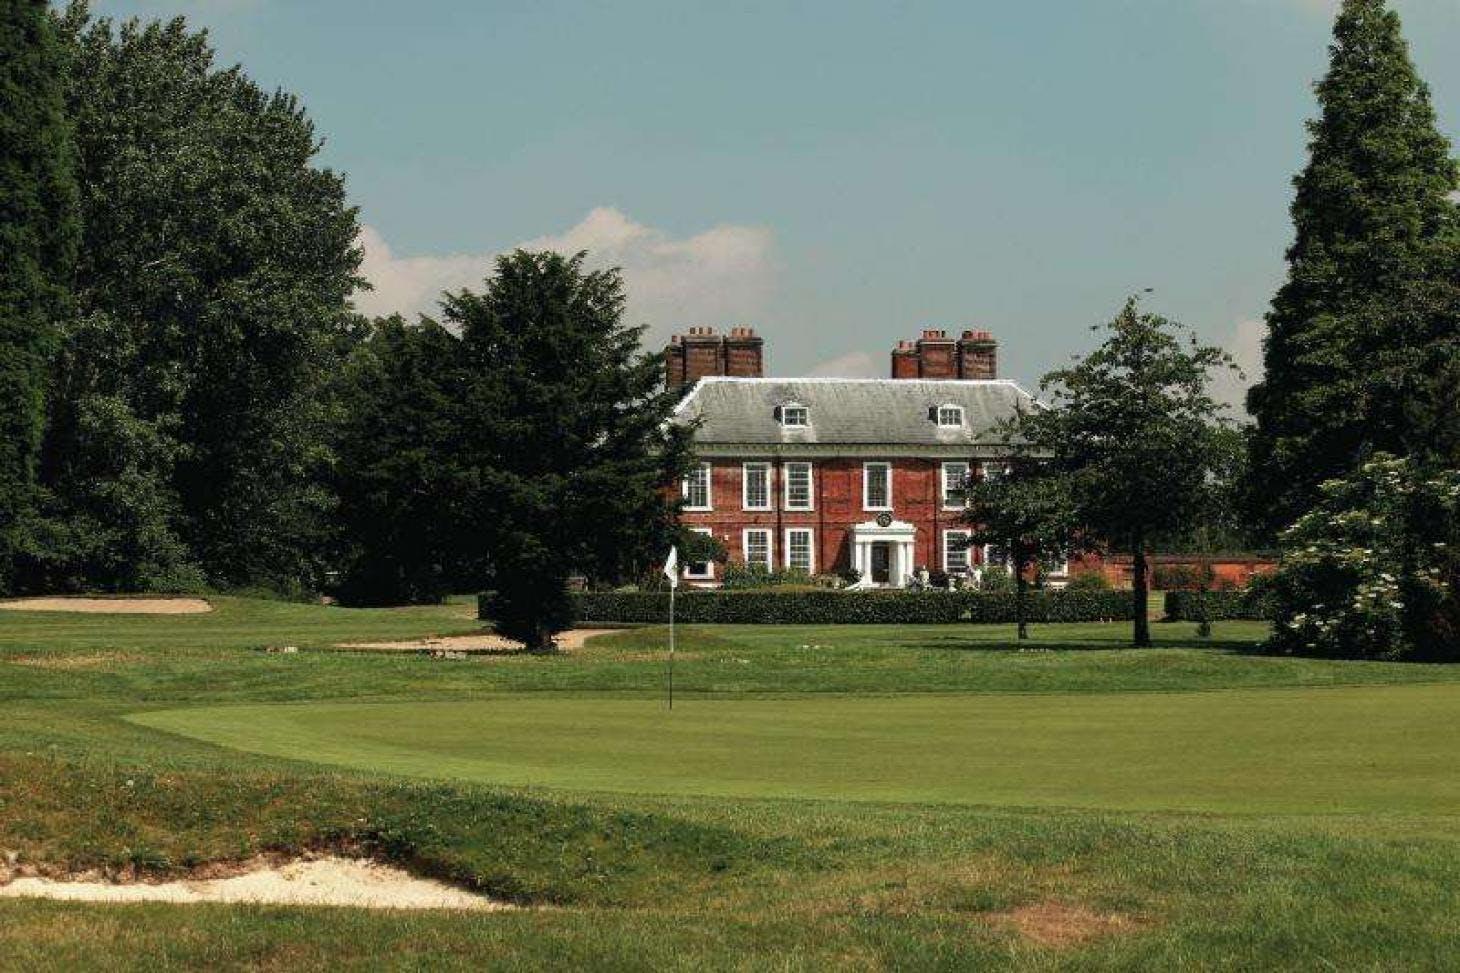 Royal Blackheath Golf Club 18 hole golf course